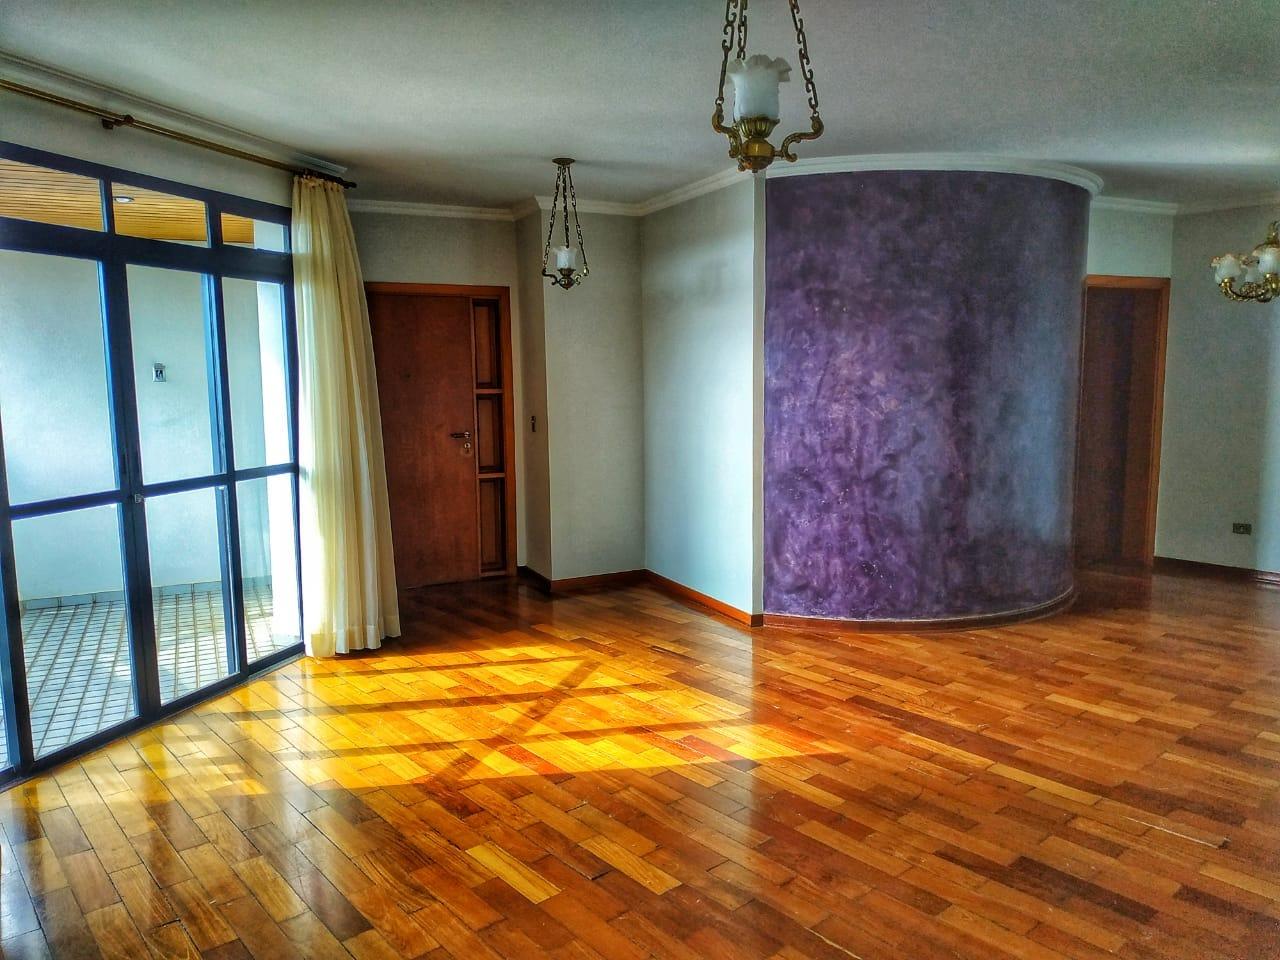 Apartamento para alugar, 4 quartos, 1 suíte, 2 vagas, no bairro Centro em Rio das Pedras - SP